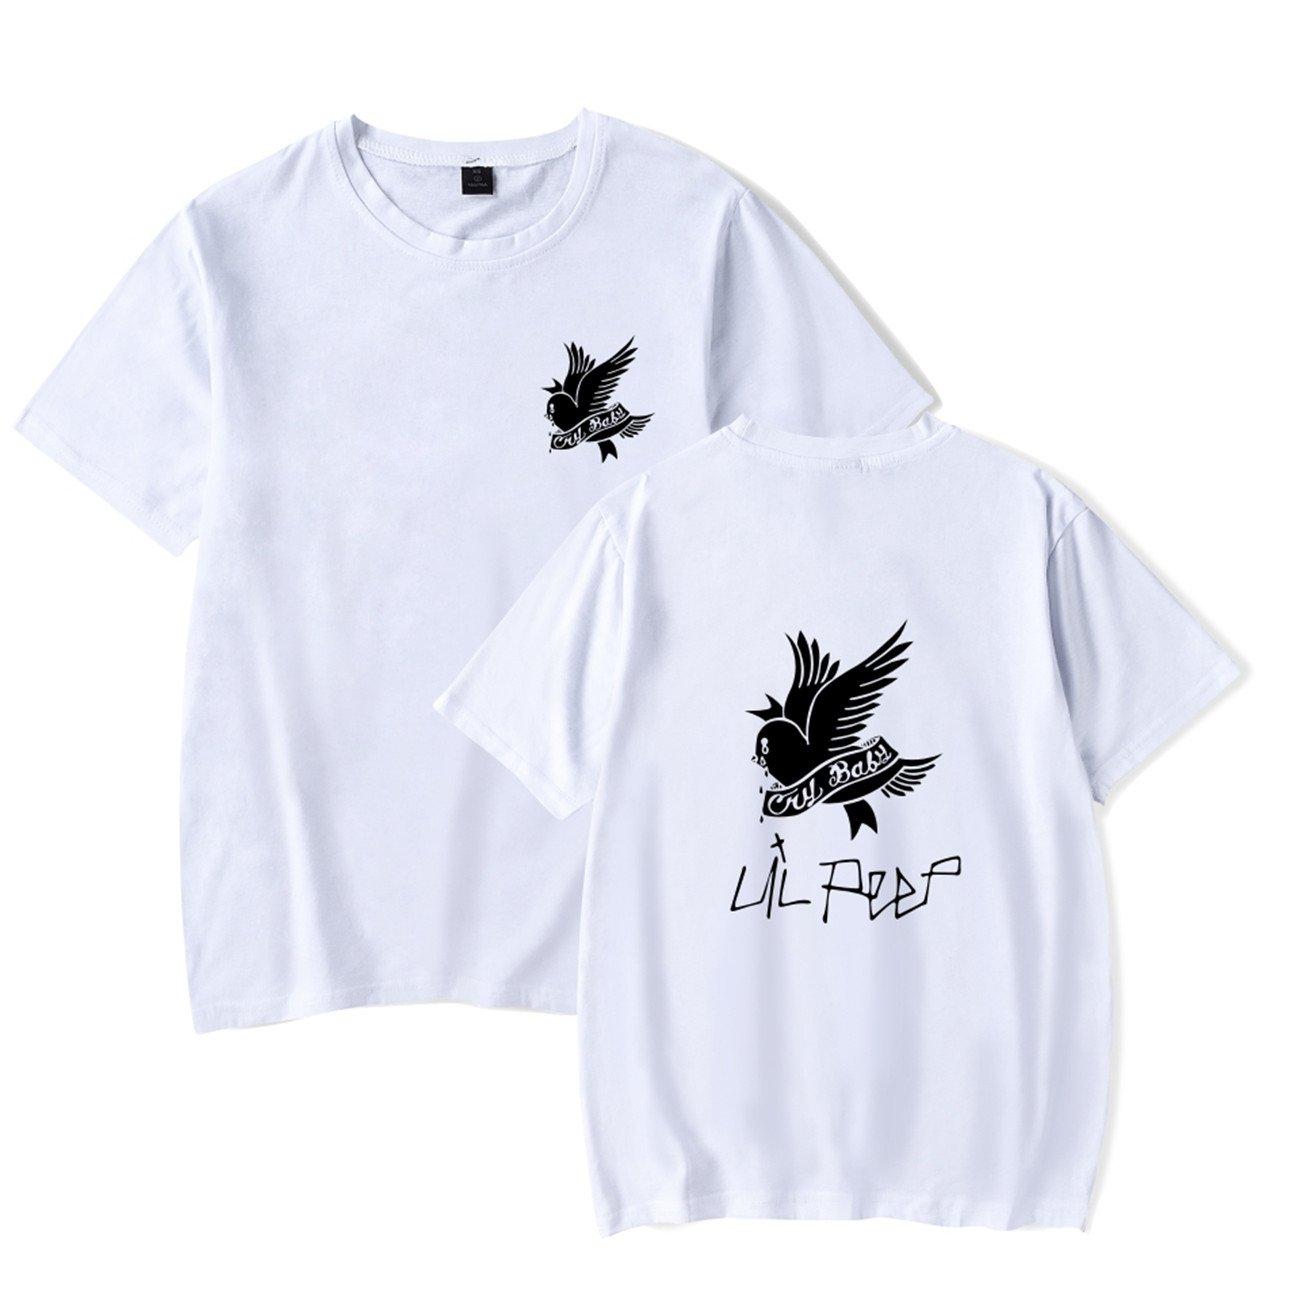 SERAPHY Unisex t Shirt R.I.P Lil Peep Cry Baby Rapper Hip Hop Primavera  Maglietta Harajuku Maglietta Casual Uomo Donna Stampa Abiti  Amazon.it  ... 3a1999c0249d